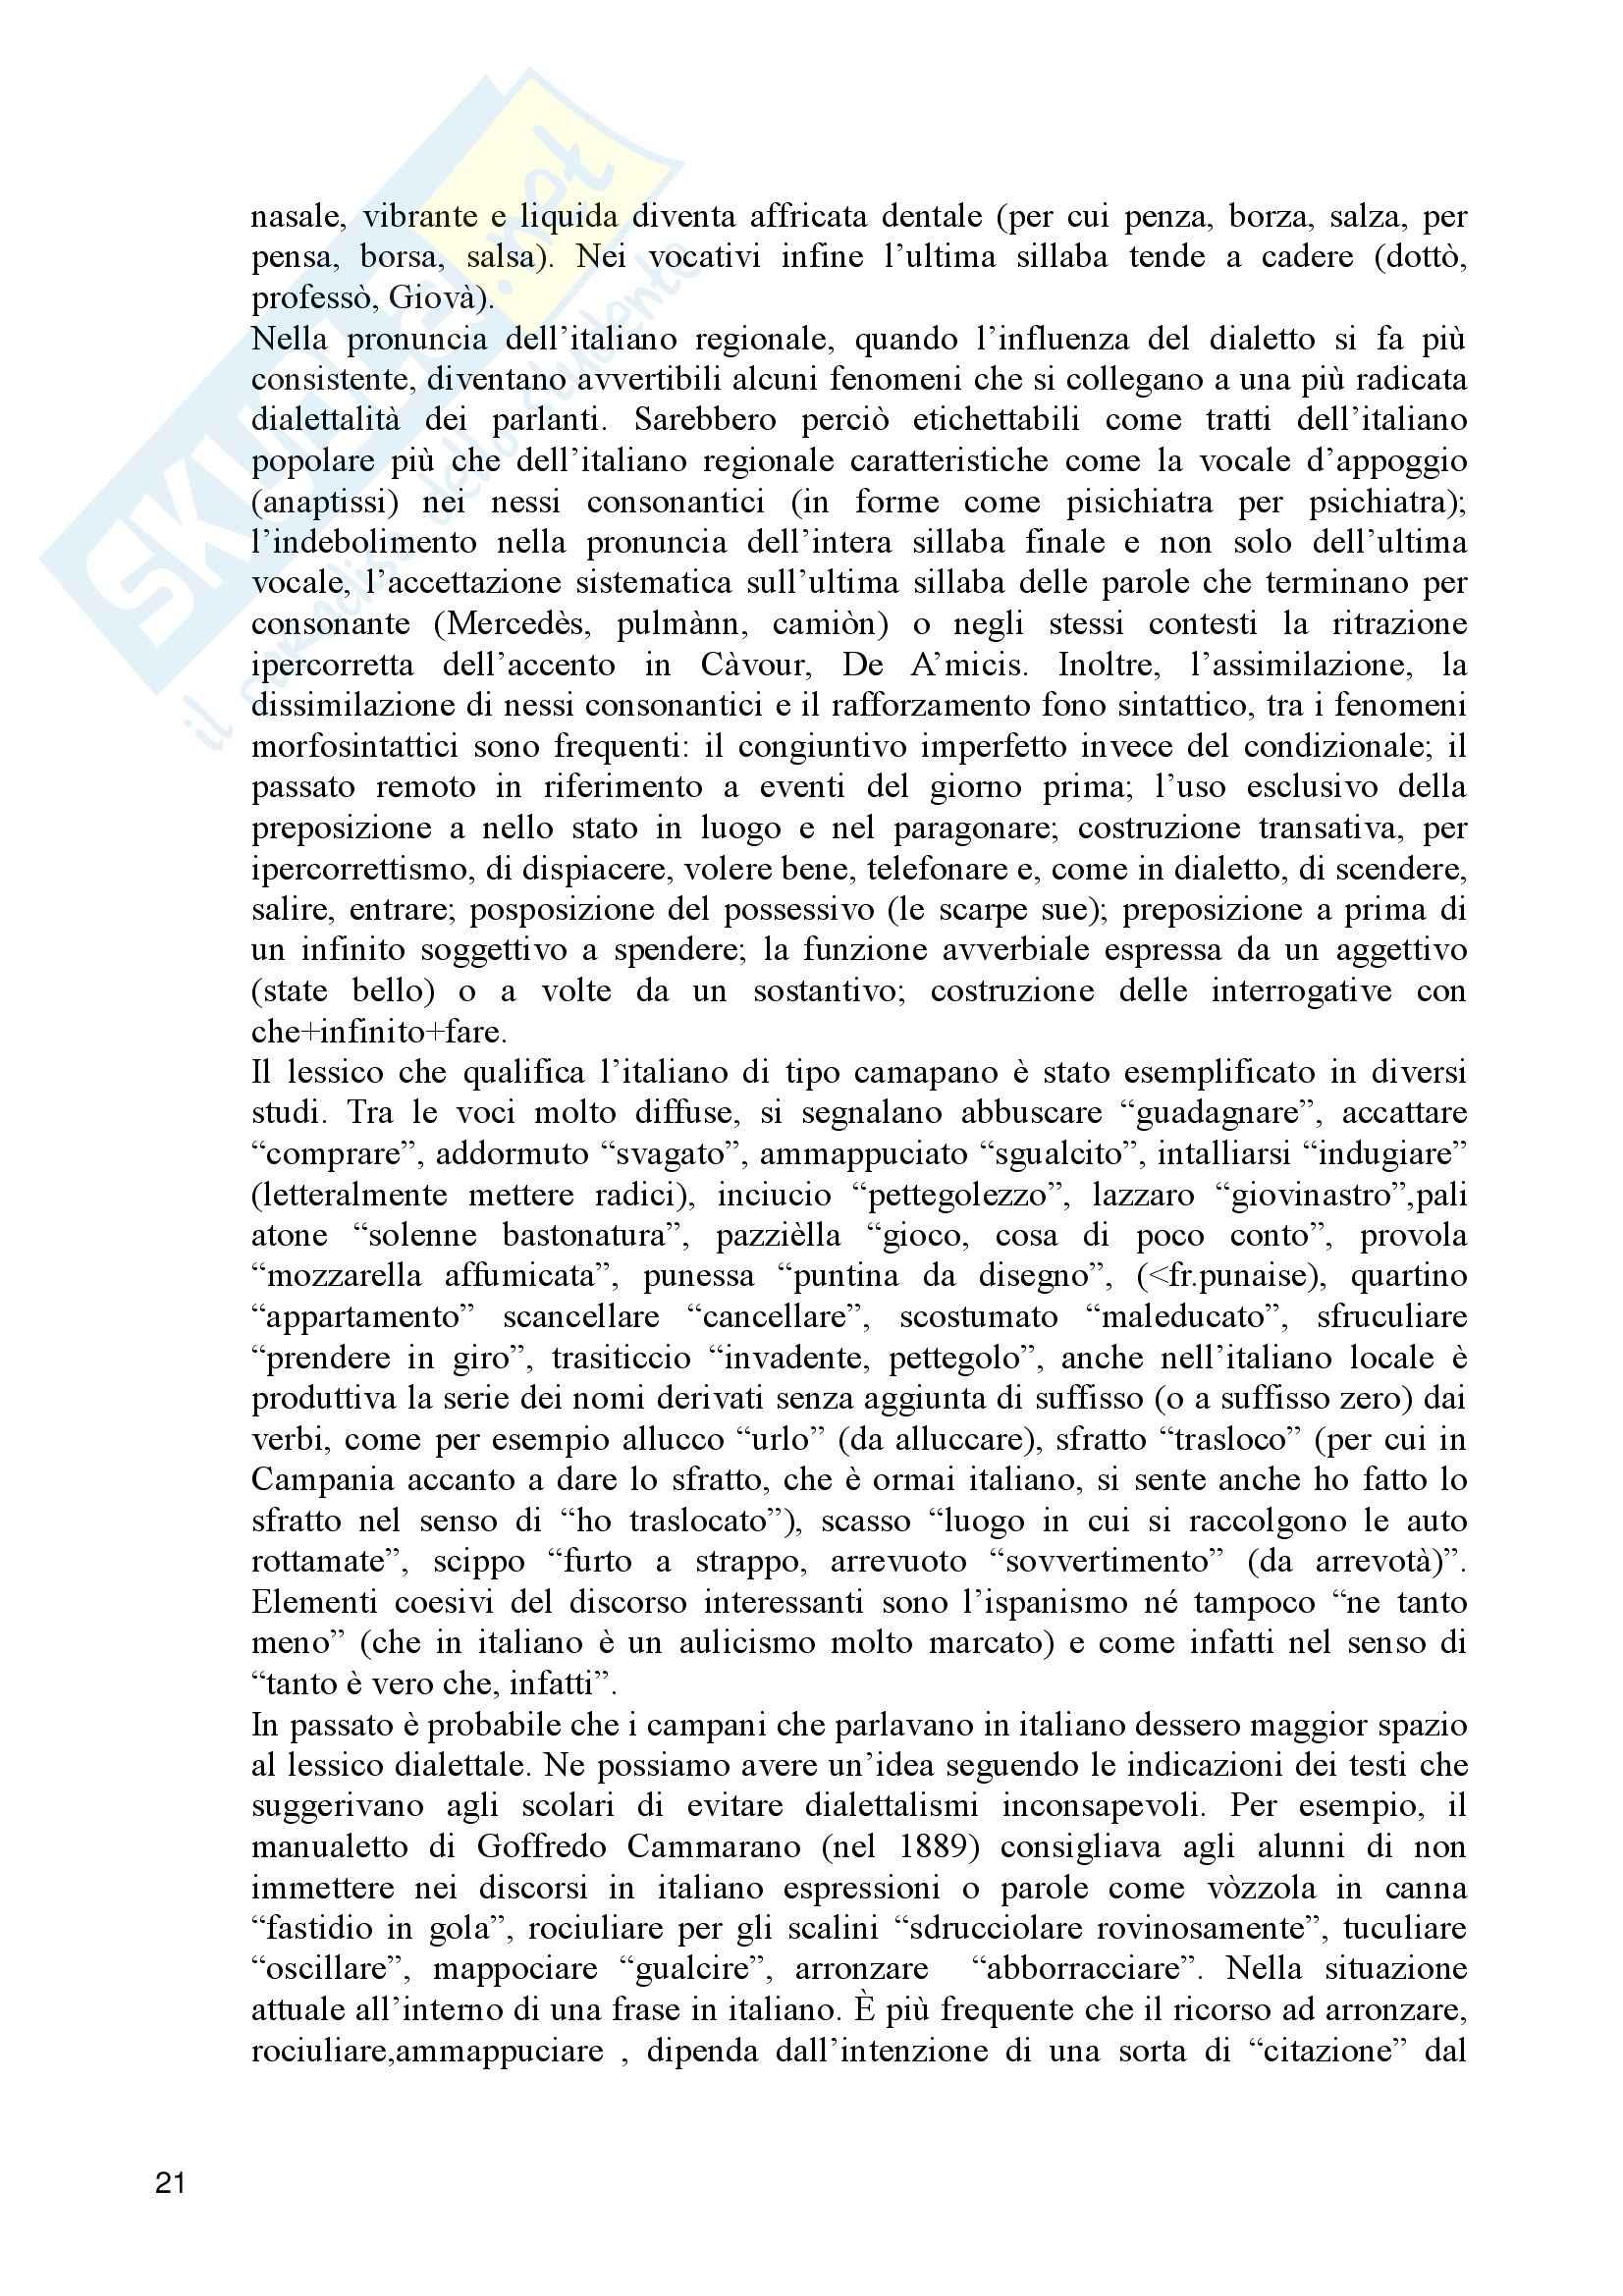 Linguistica italiana - profilo linguistico della Campania Pag. 21